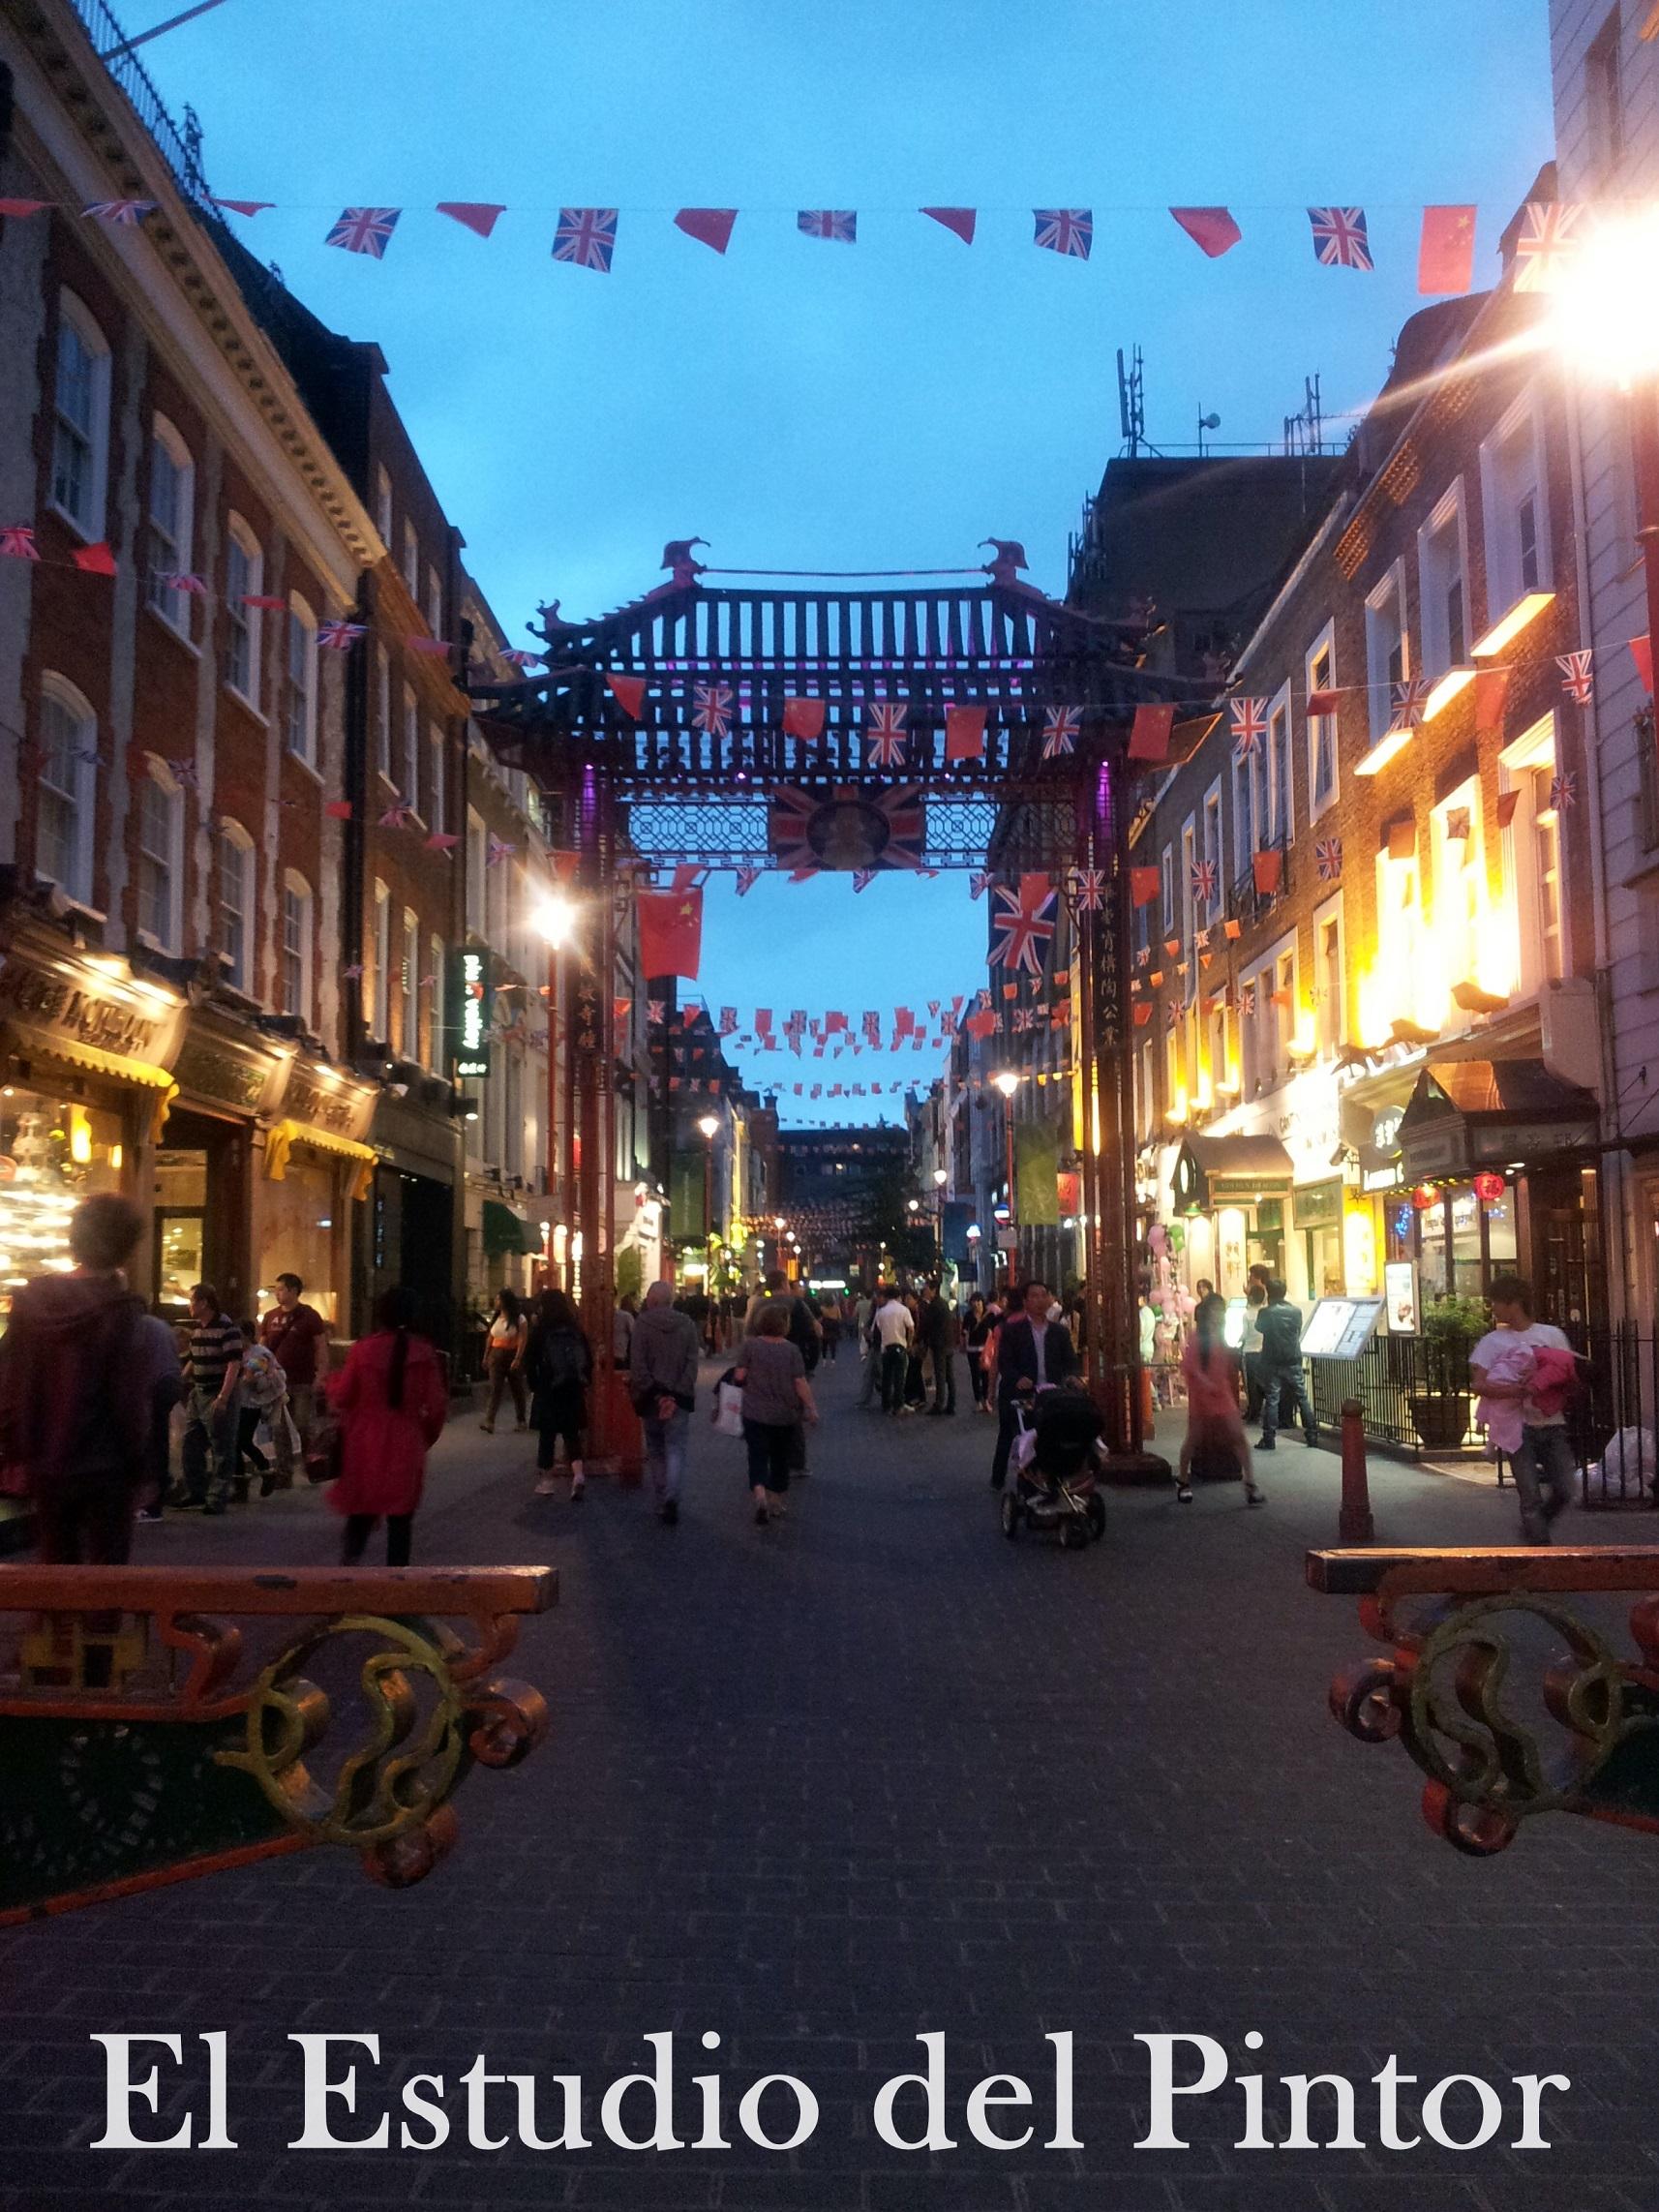 11. Chinatown